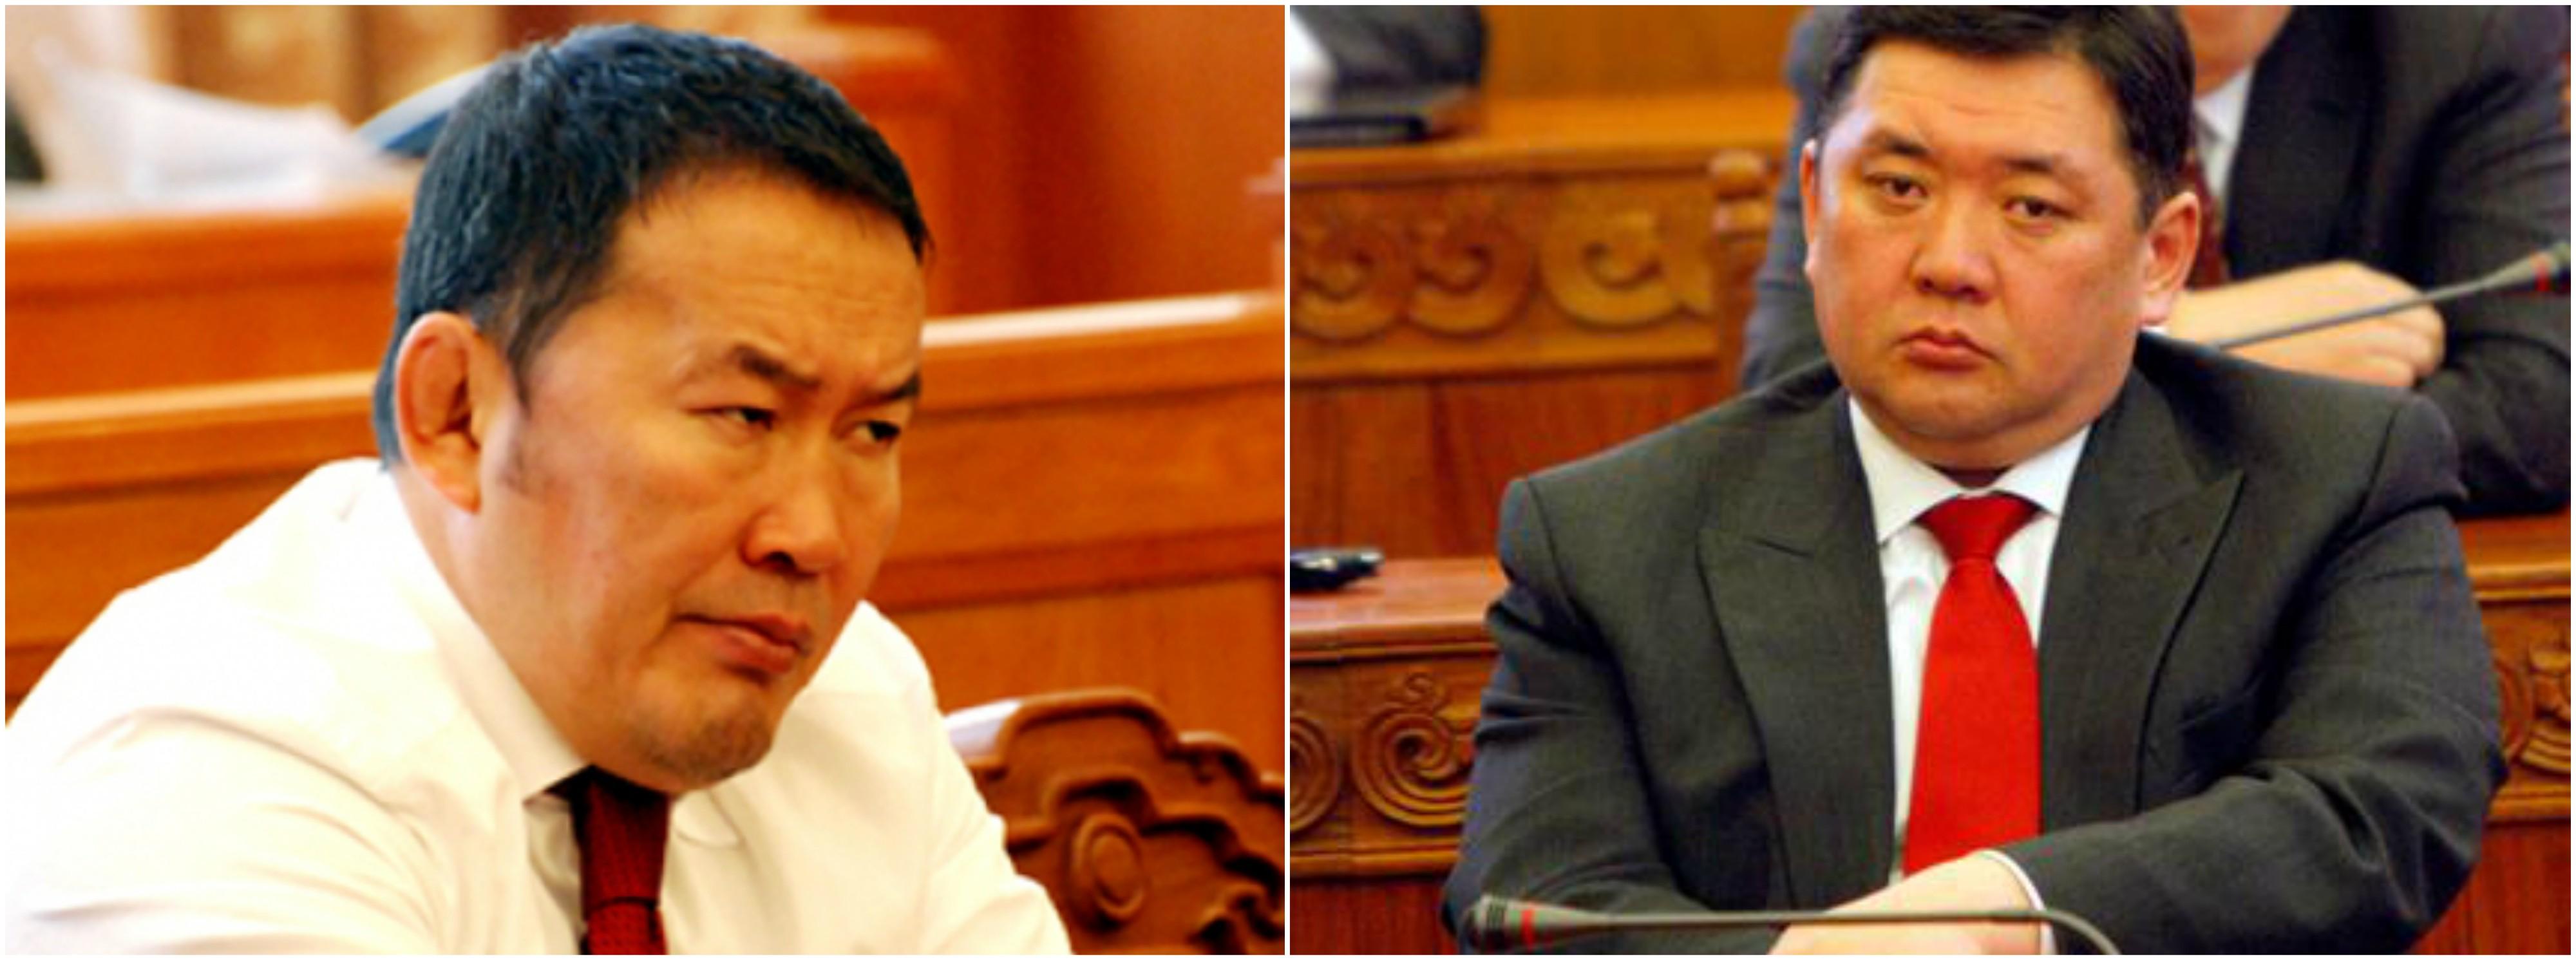 Жүдо бөхийн холбооны Ерөнхийлөгчөөс Монгол Улсын Ерөнхийлөгч болсон Х.Баттулга, төрийн гурван өндөрлөгийн нэг хэвээр үлдсэн М.Энхболд